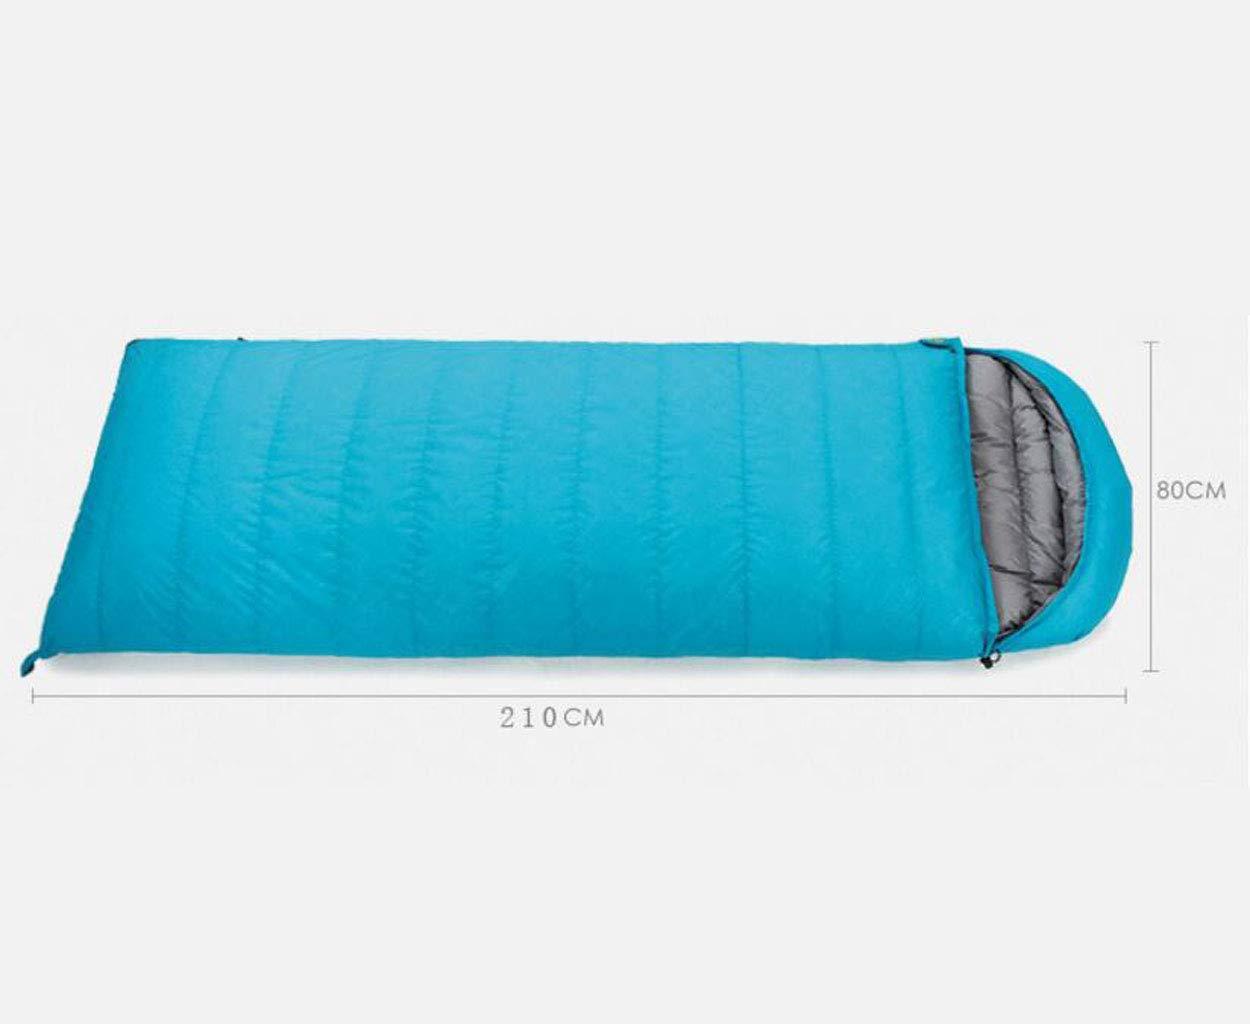 JBHURF Outdoor Camping Schlafsack Outdoor Nähte Doppel Doppel Doppel Schlafsack Tragbare Kompression Schlafsack (Kapazität   400g, Farbe   Camouflage Blau) B07KJG9J37 Schlafscke Einzigartig 47e115